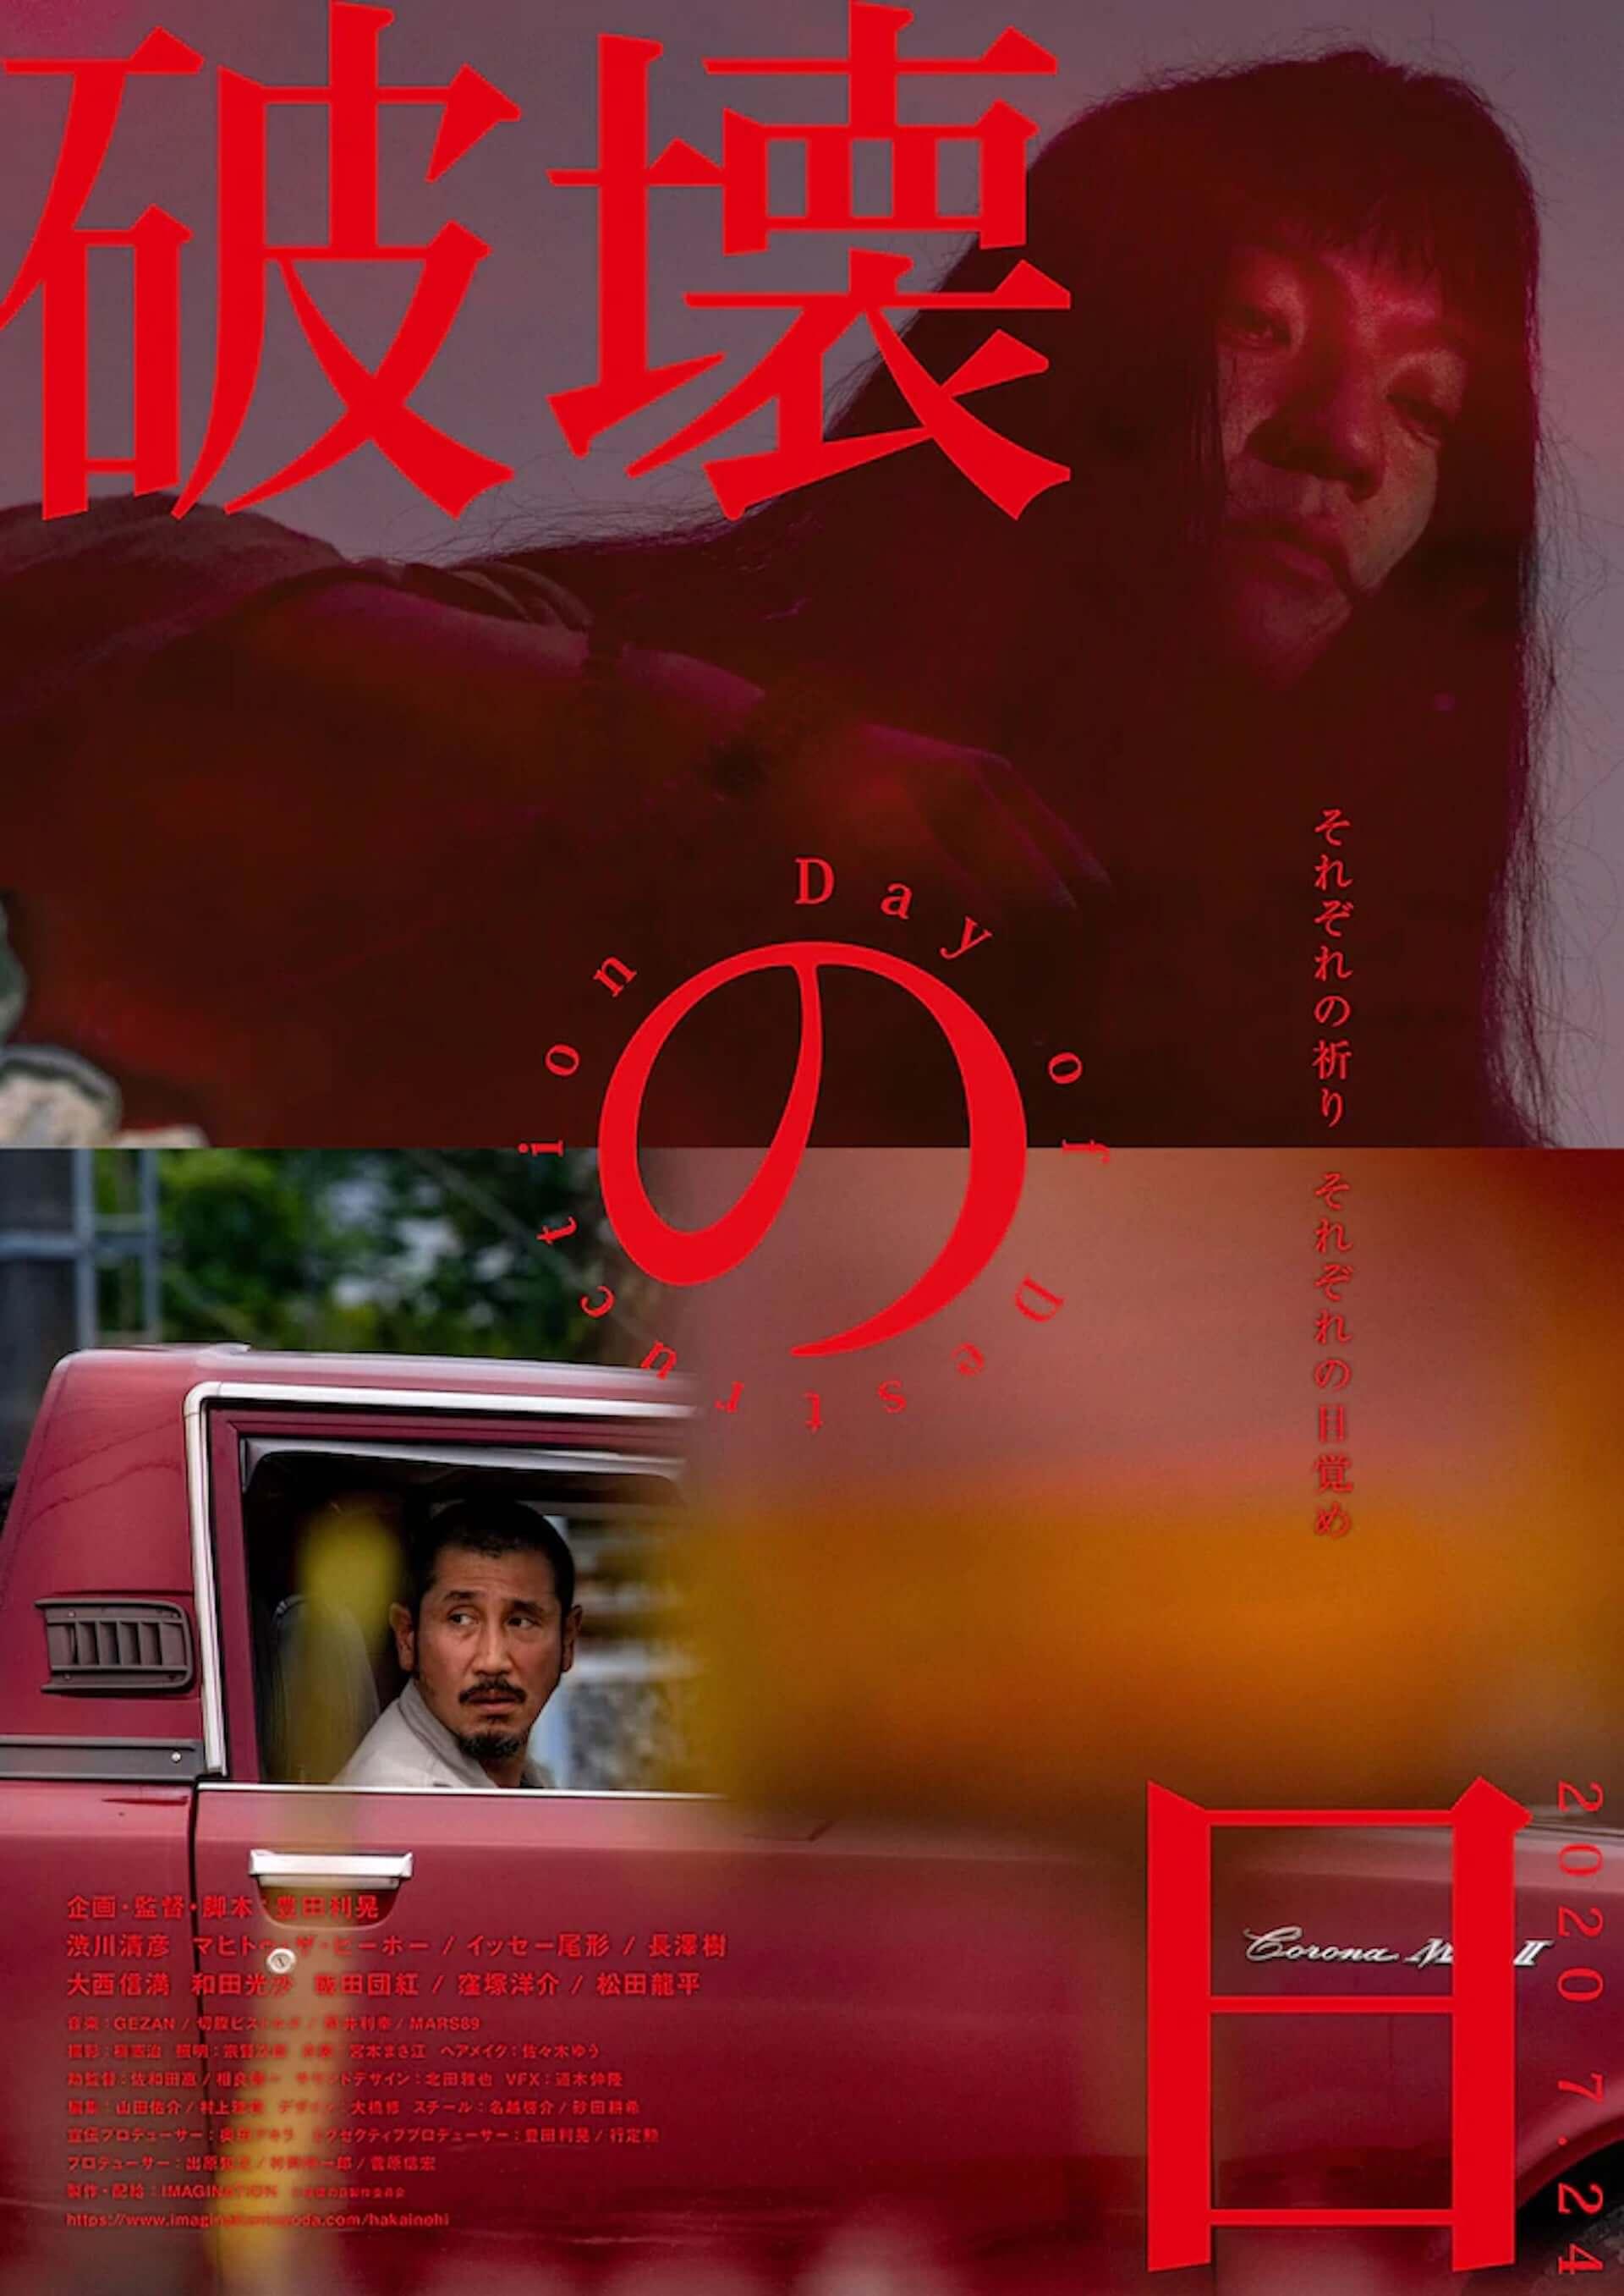 豊田利晃最新作『破壊の日』のサウンドトラックが急遽発売決定!GEZAN、Mars89、照井利幸、切腹ピストルズも参加 film200901_hakainohi_1-1920x2714